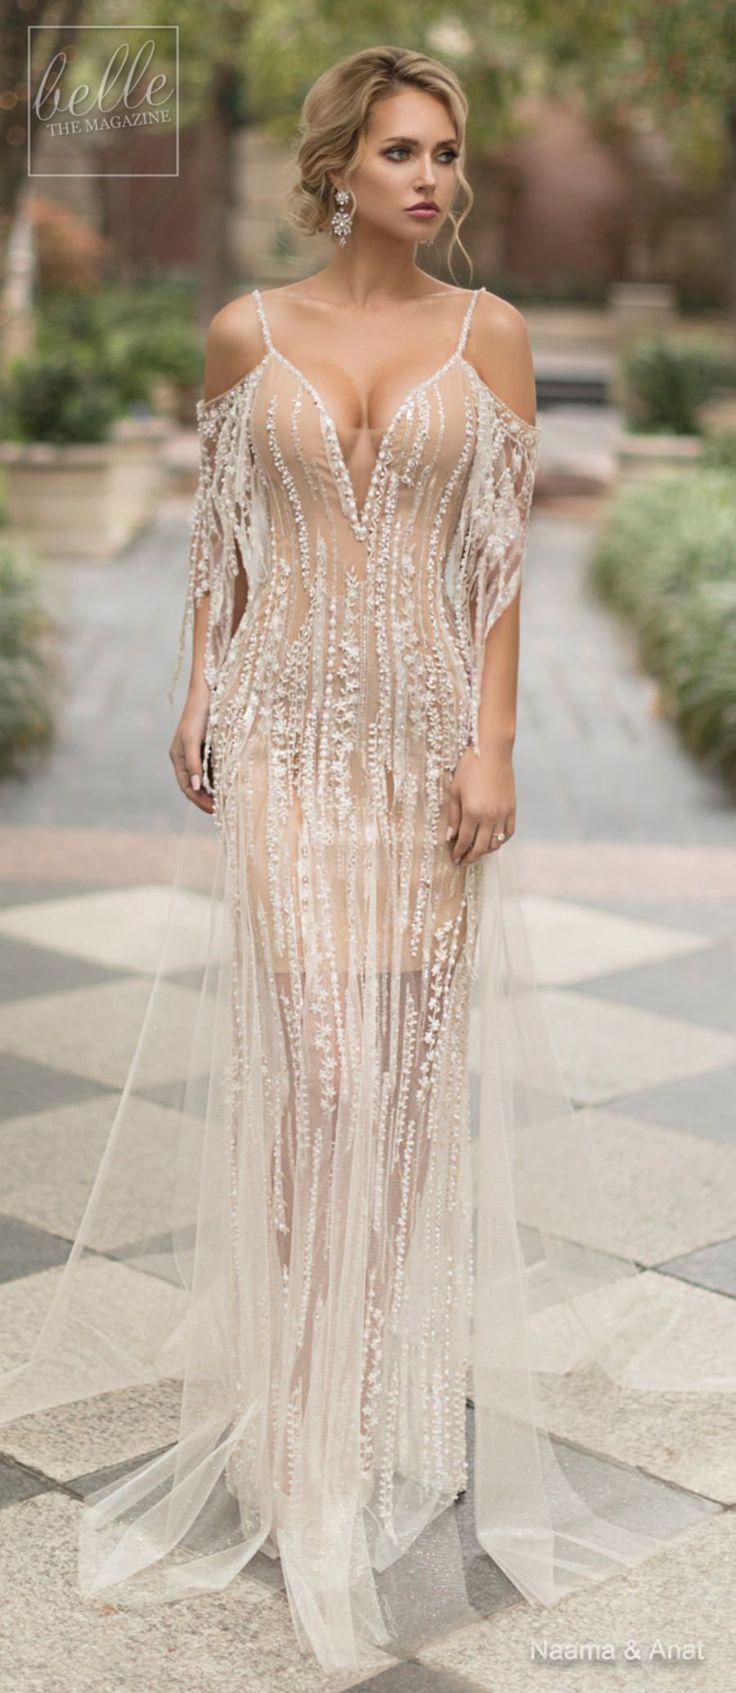 Lace dress vintage april 2019  best Wedding Dress images on Pinterest  Wedding dressses